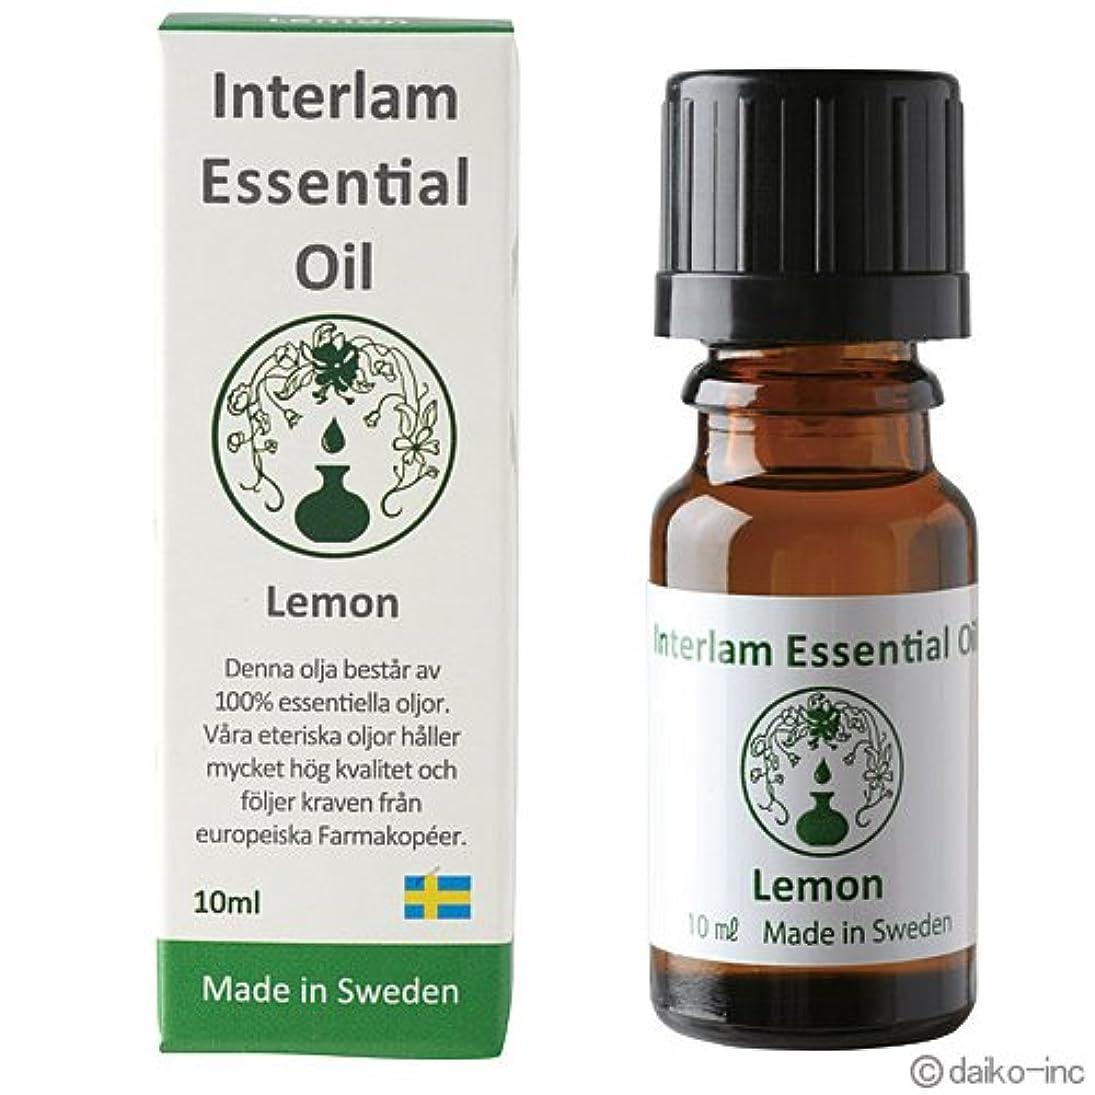 ウォルターカニンガムに対応する取り囲むInterlam Essential Oil レモン 10ml